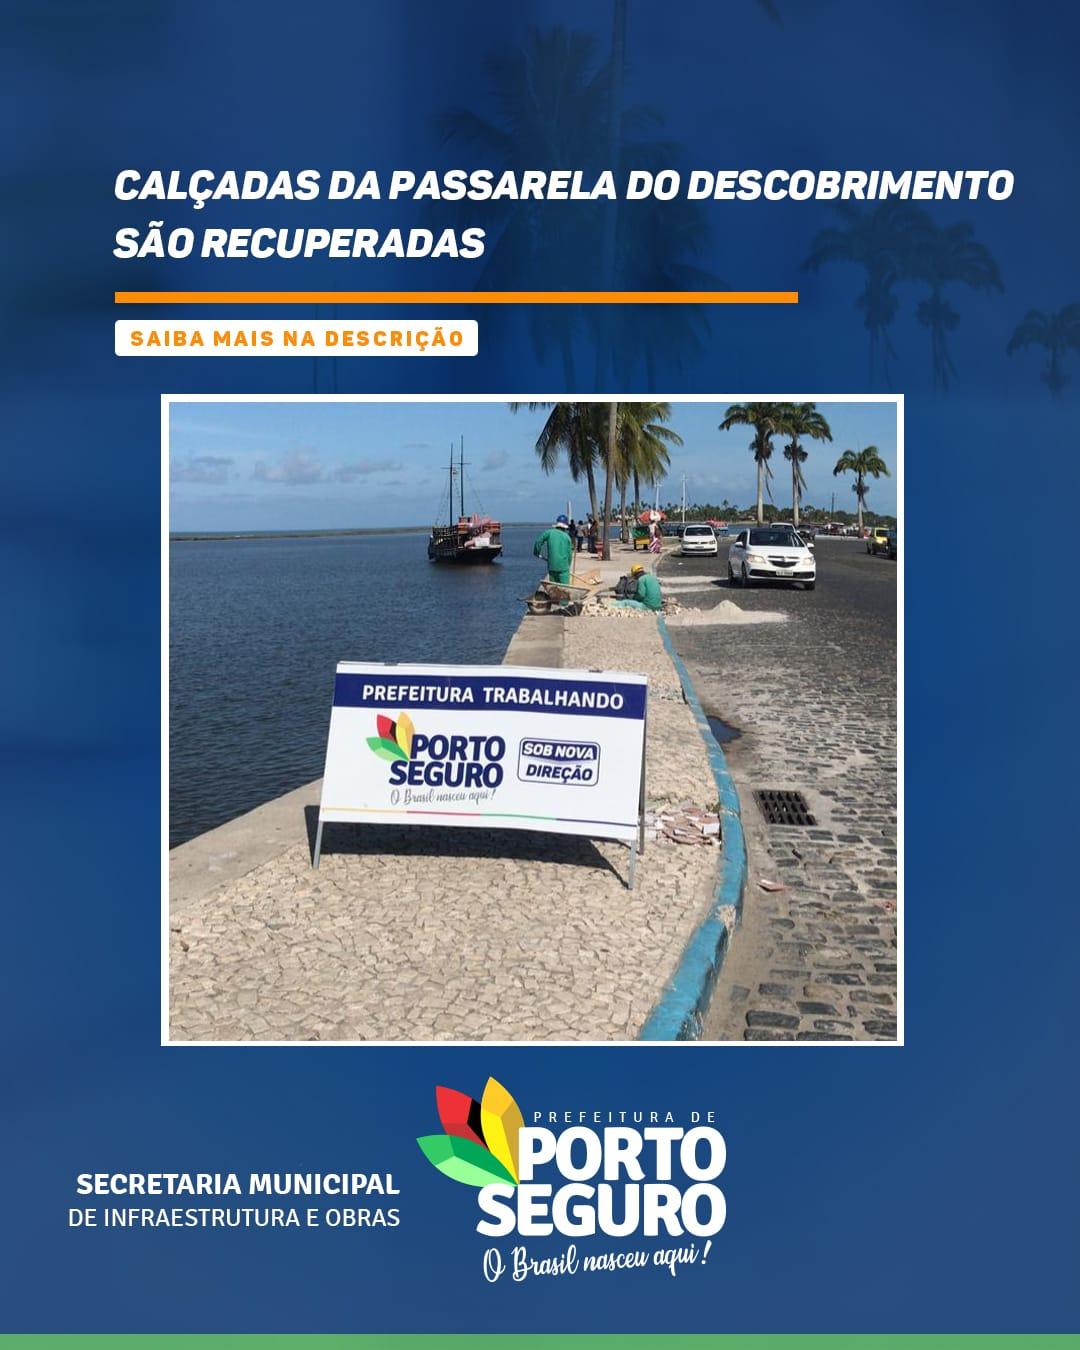 Porto Seguro: Calçadas da Passarela do Descobrimento são recuperadas 18